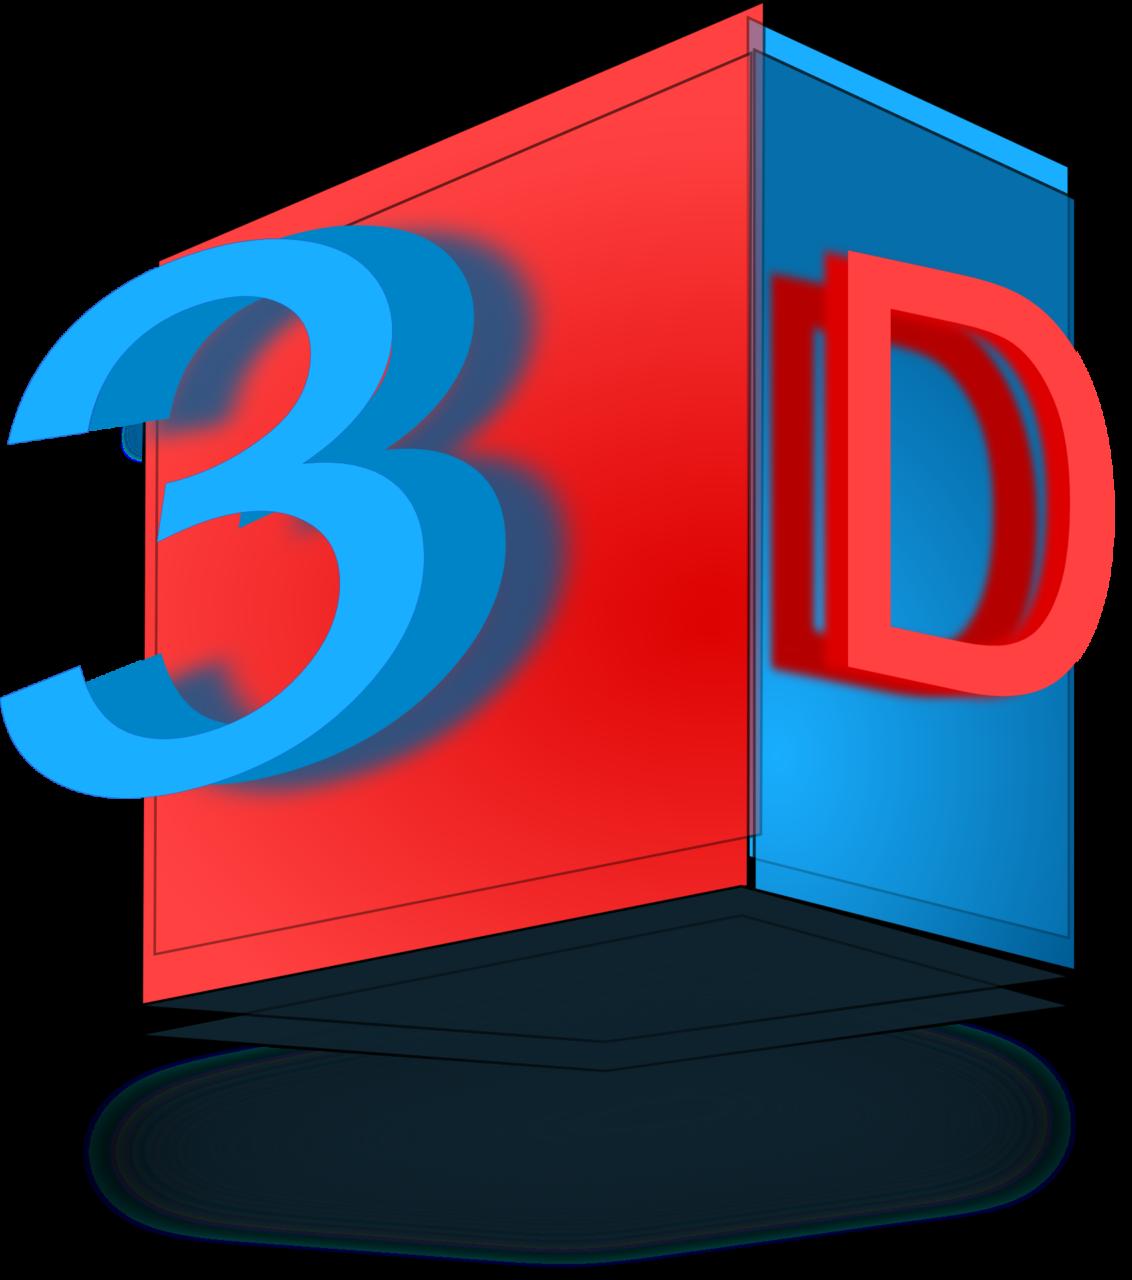 3D, rot blau